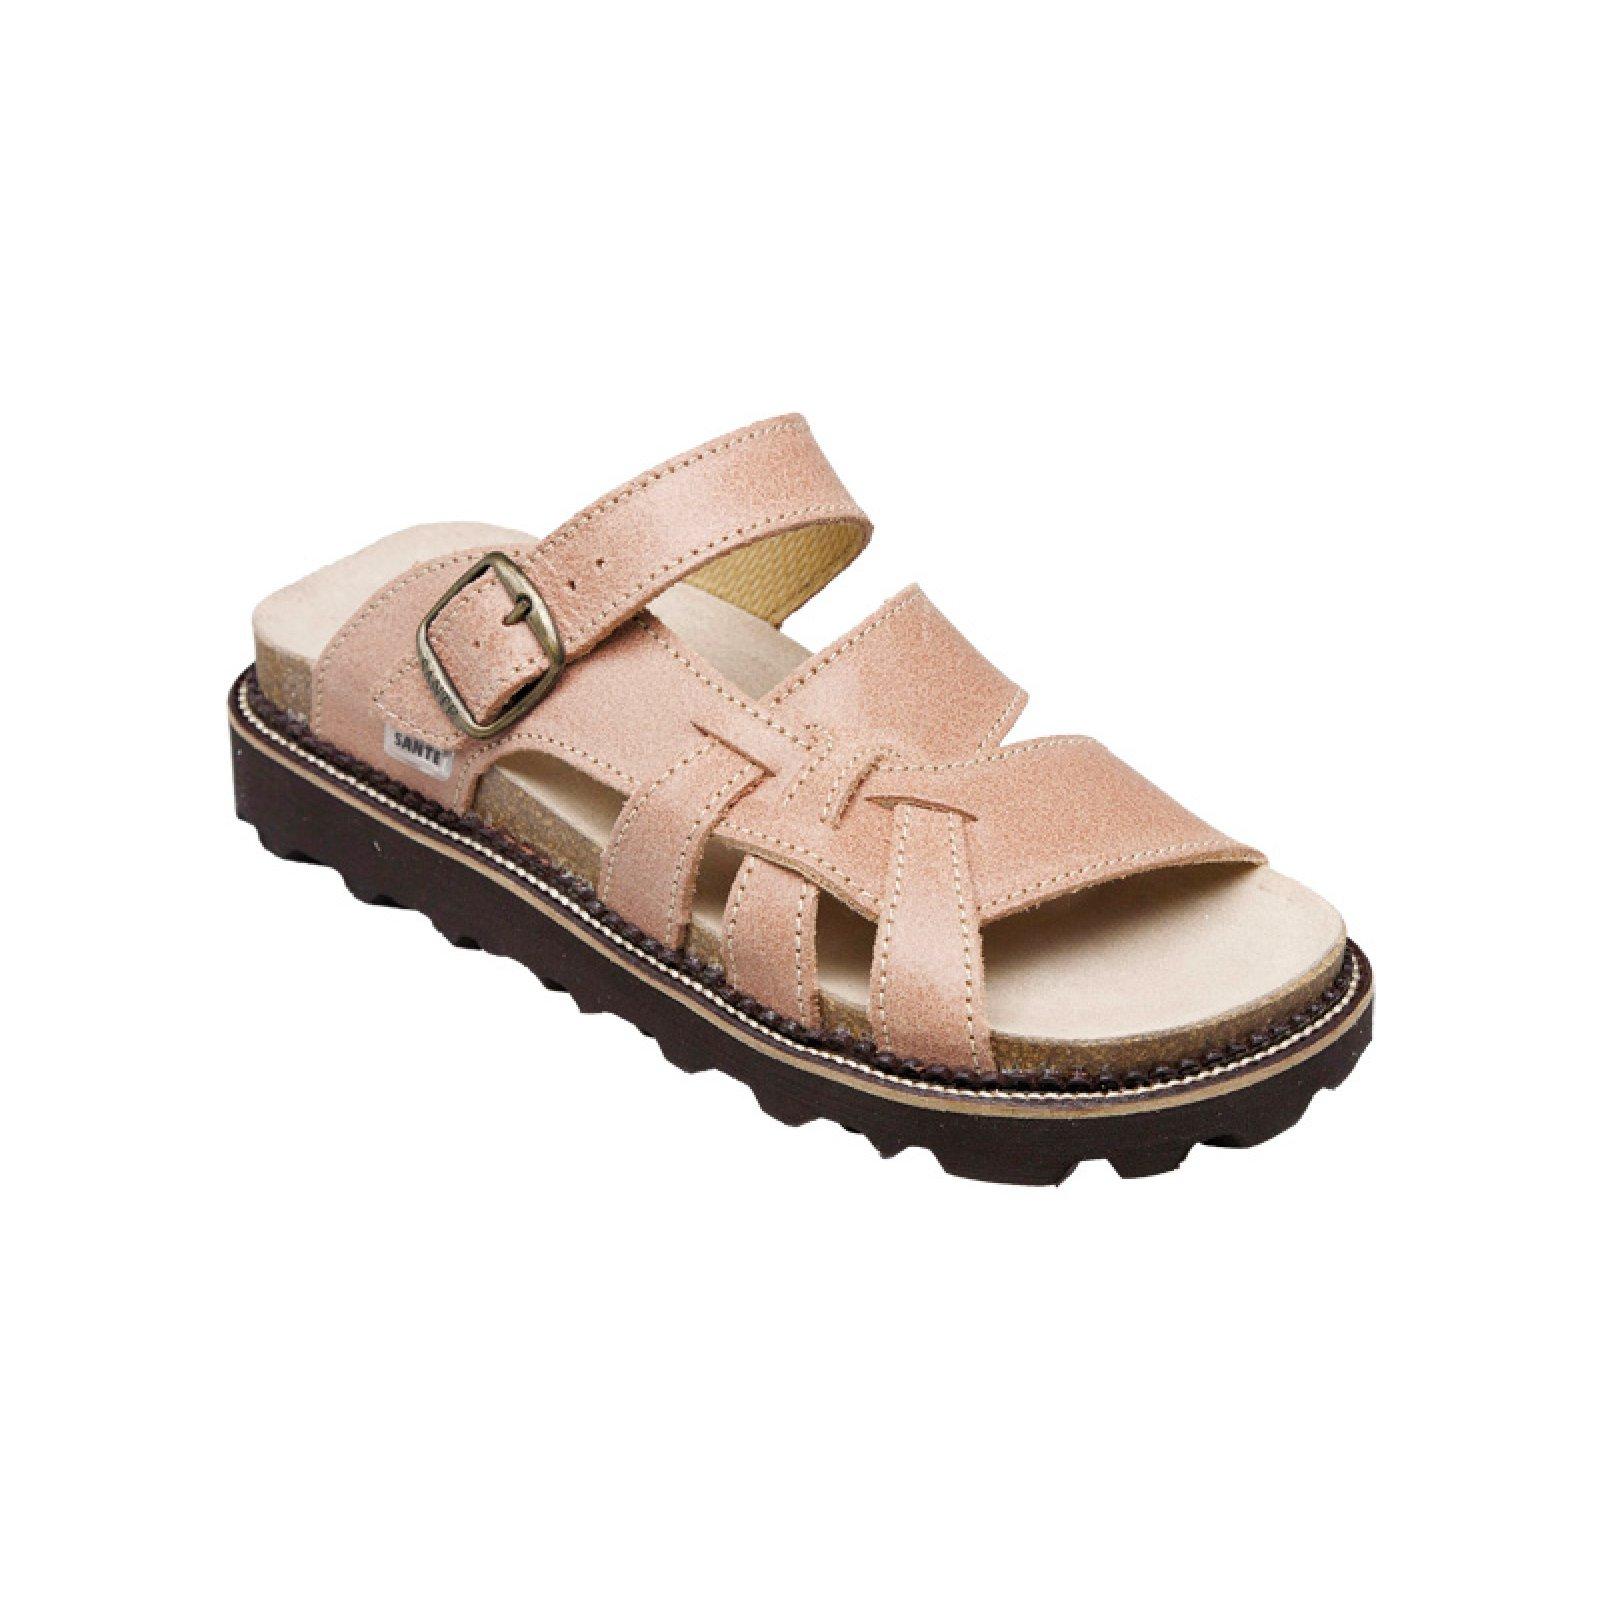 dámské pantofle Santé 560 91 49 lososové - KARS c1ed5e3688